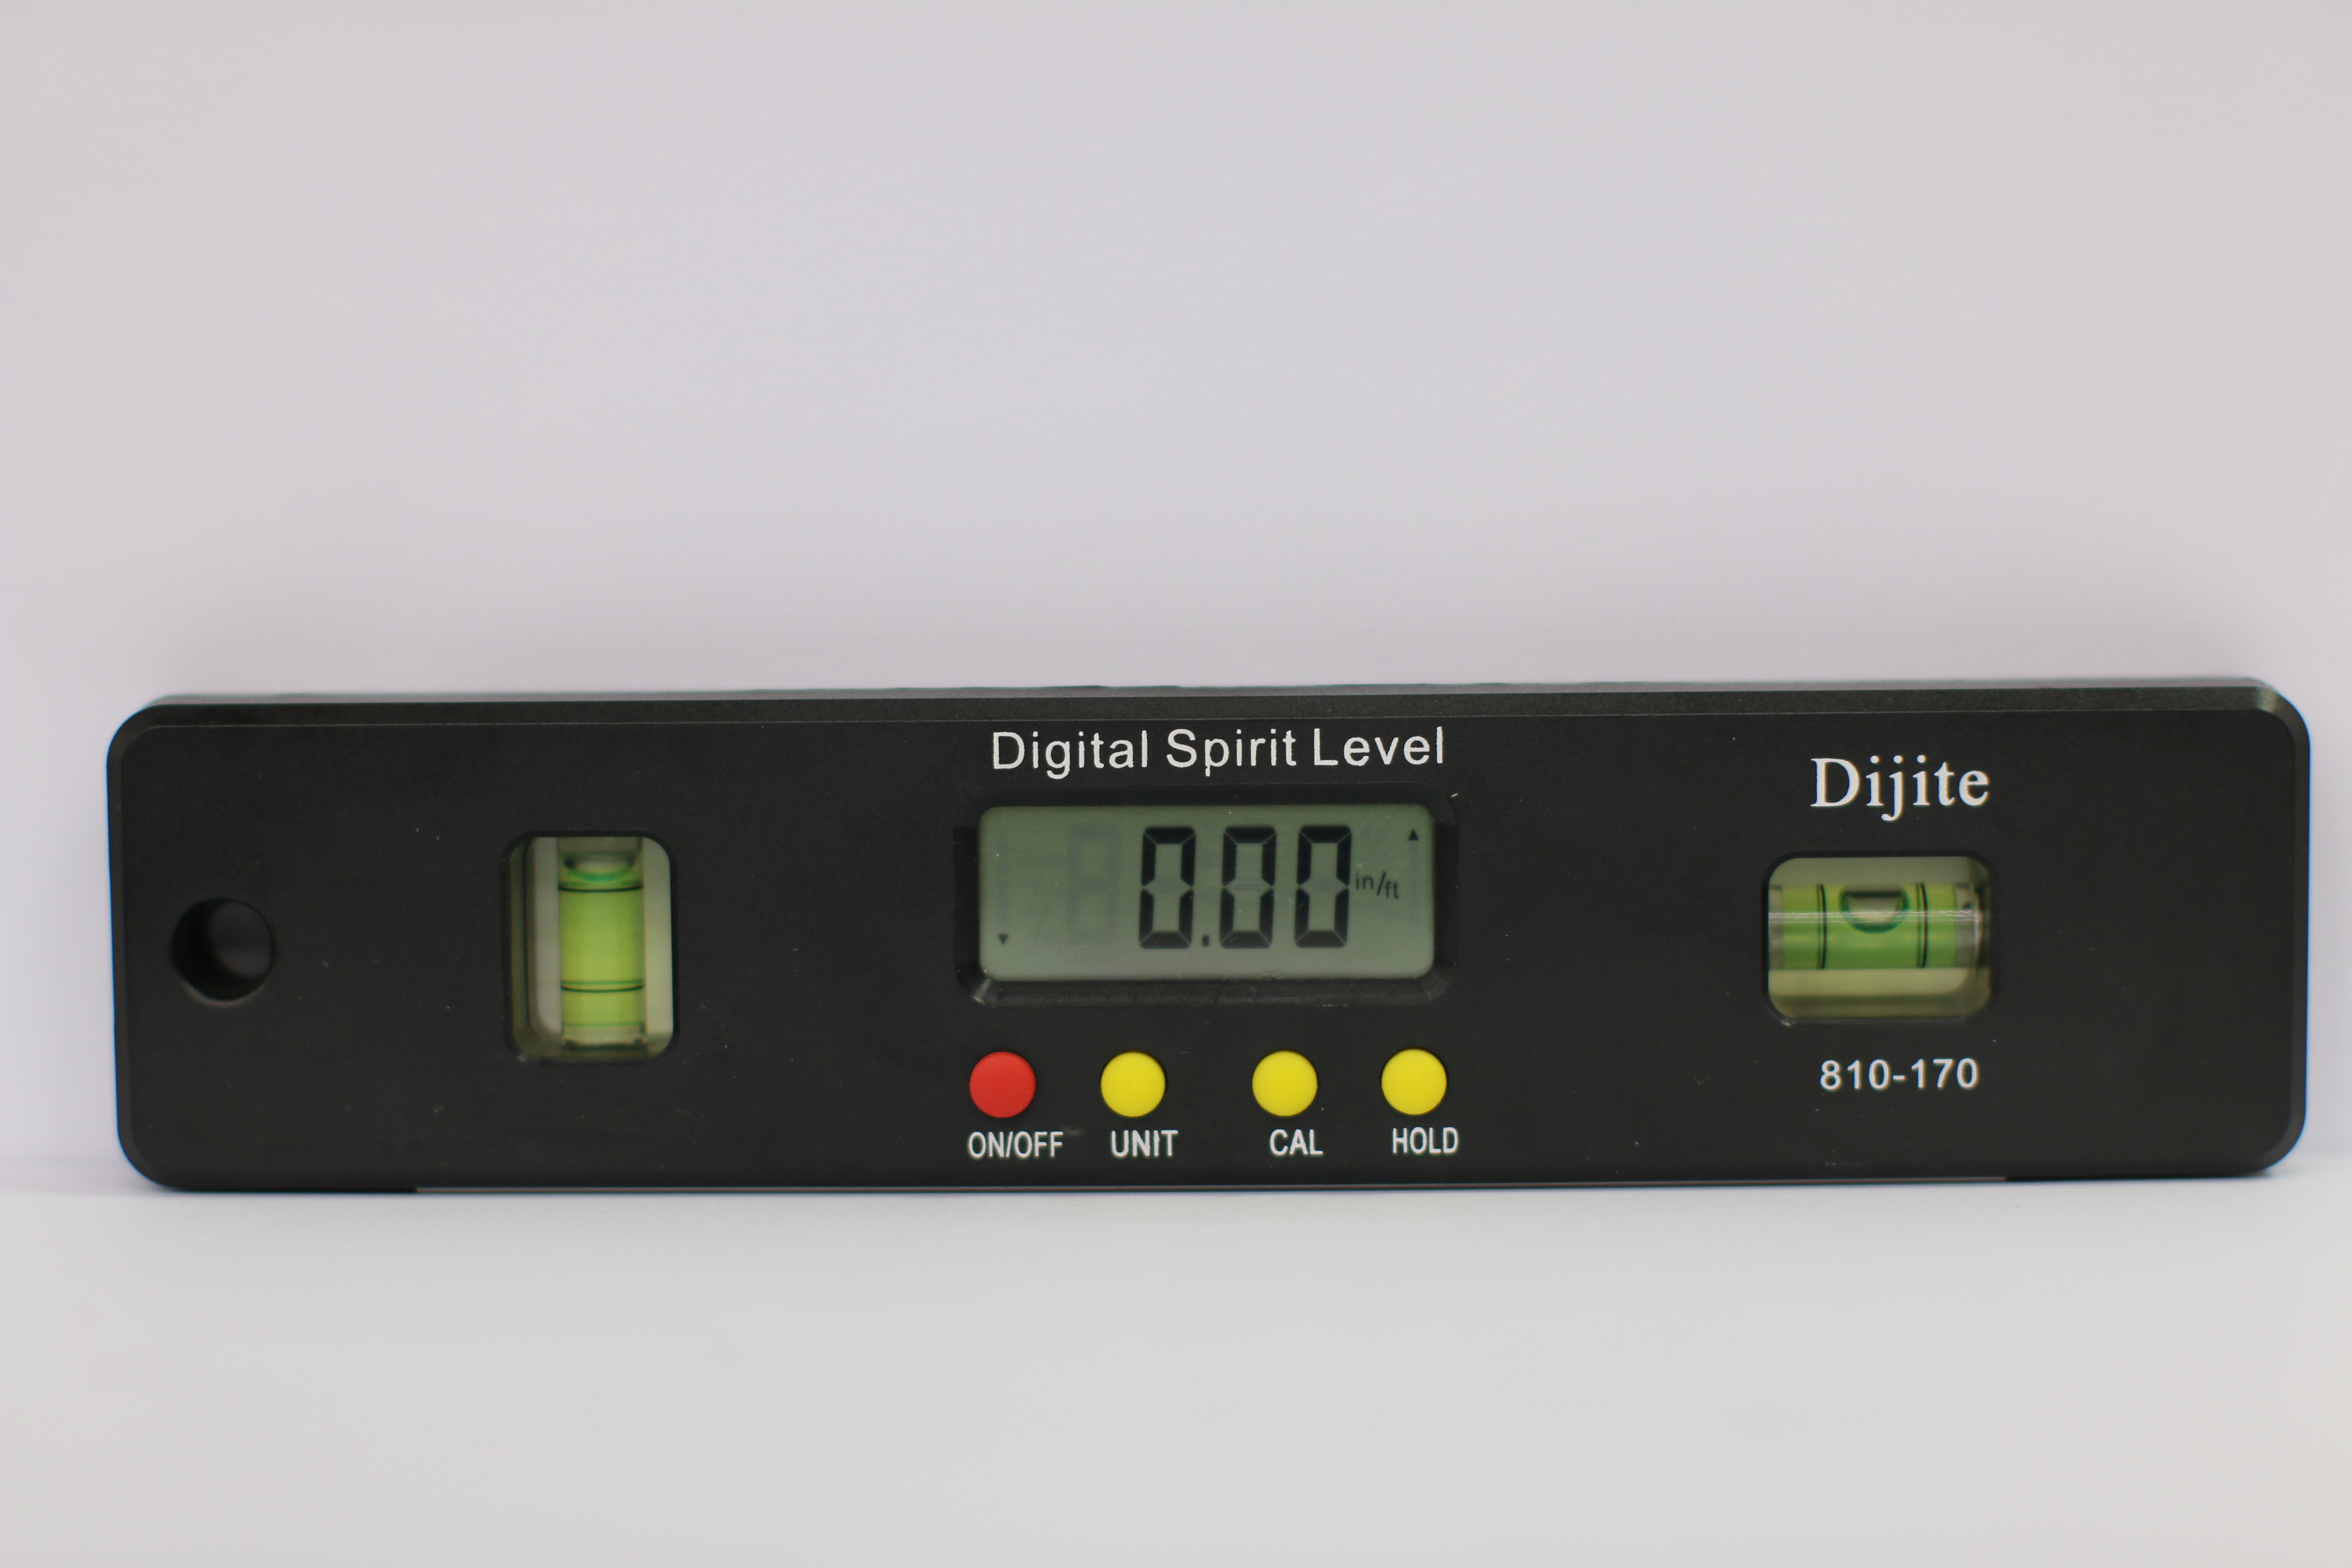 Dijite电子数显水平仪水平尺量具量仪角度仪200mm  四种单位转换